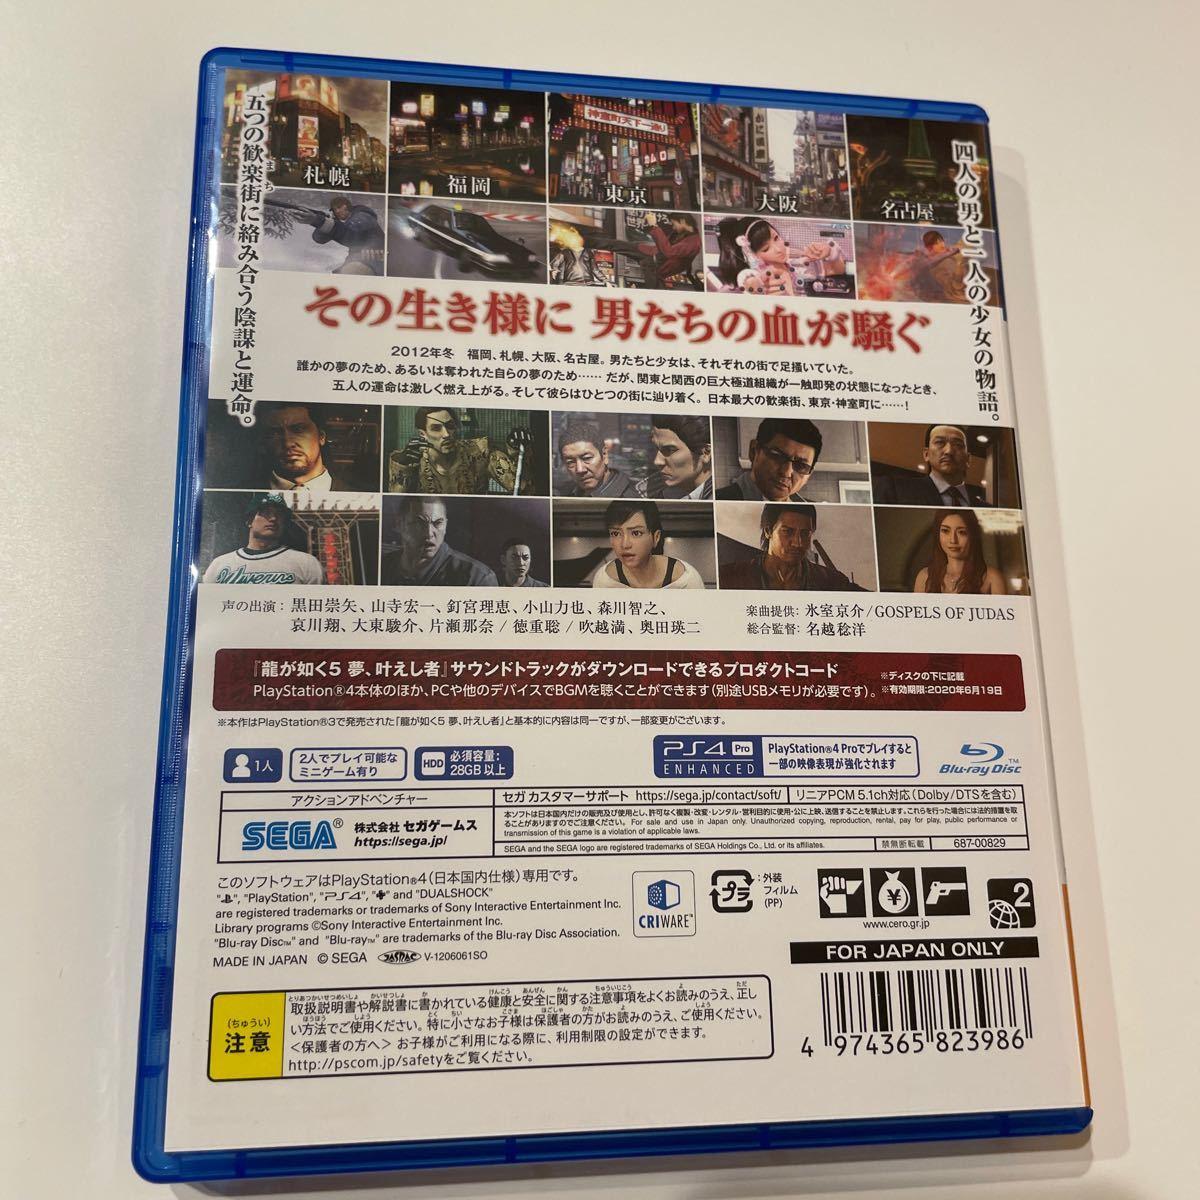 龍が如く5 夢、叶えし者 PS4 説明書付き